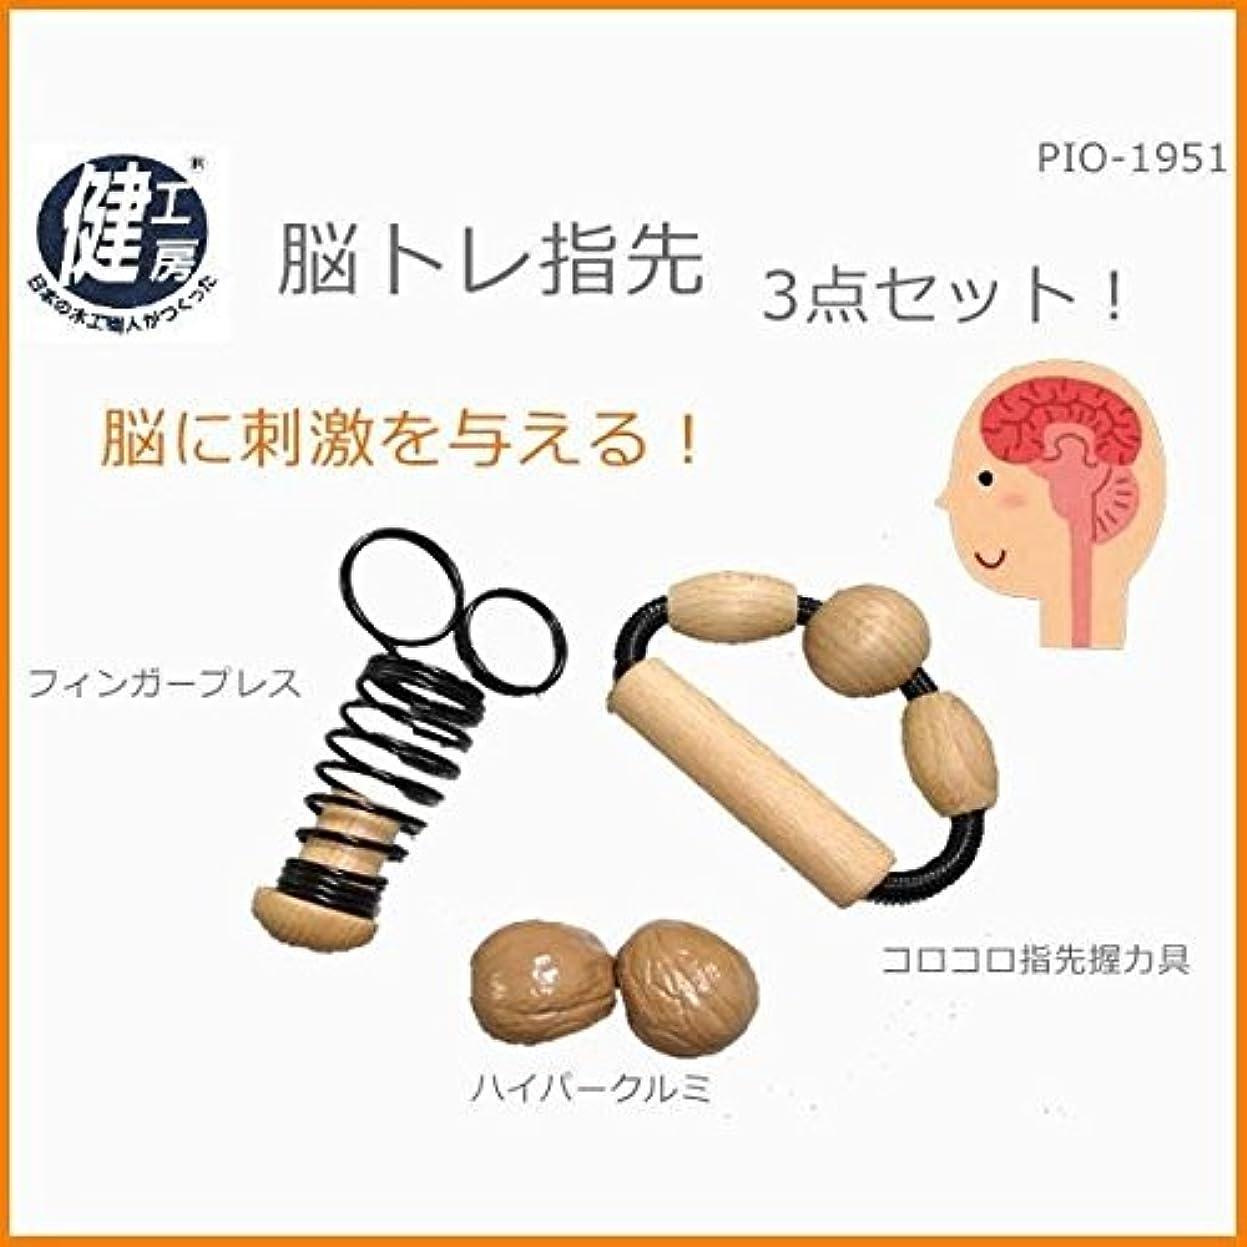 可動式ベース居眠りする健工房 脳トレ指先3点セット PIO-1951